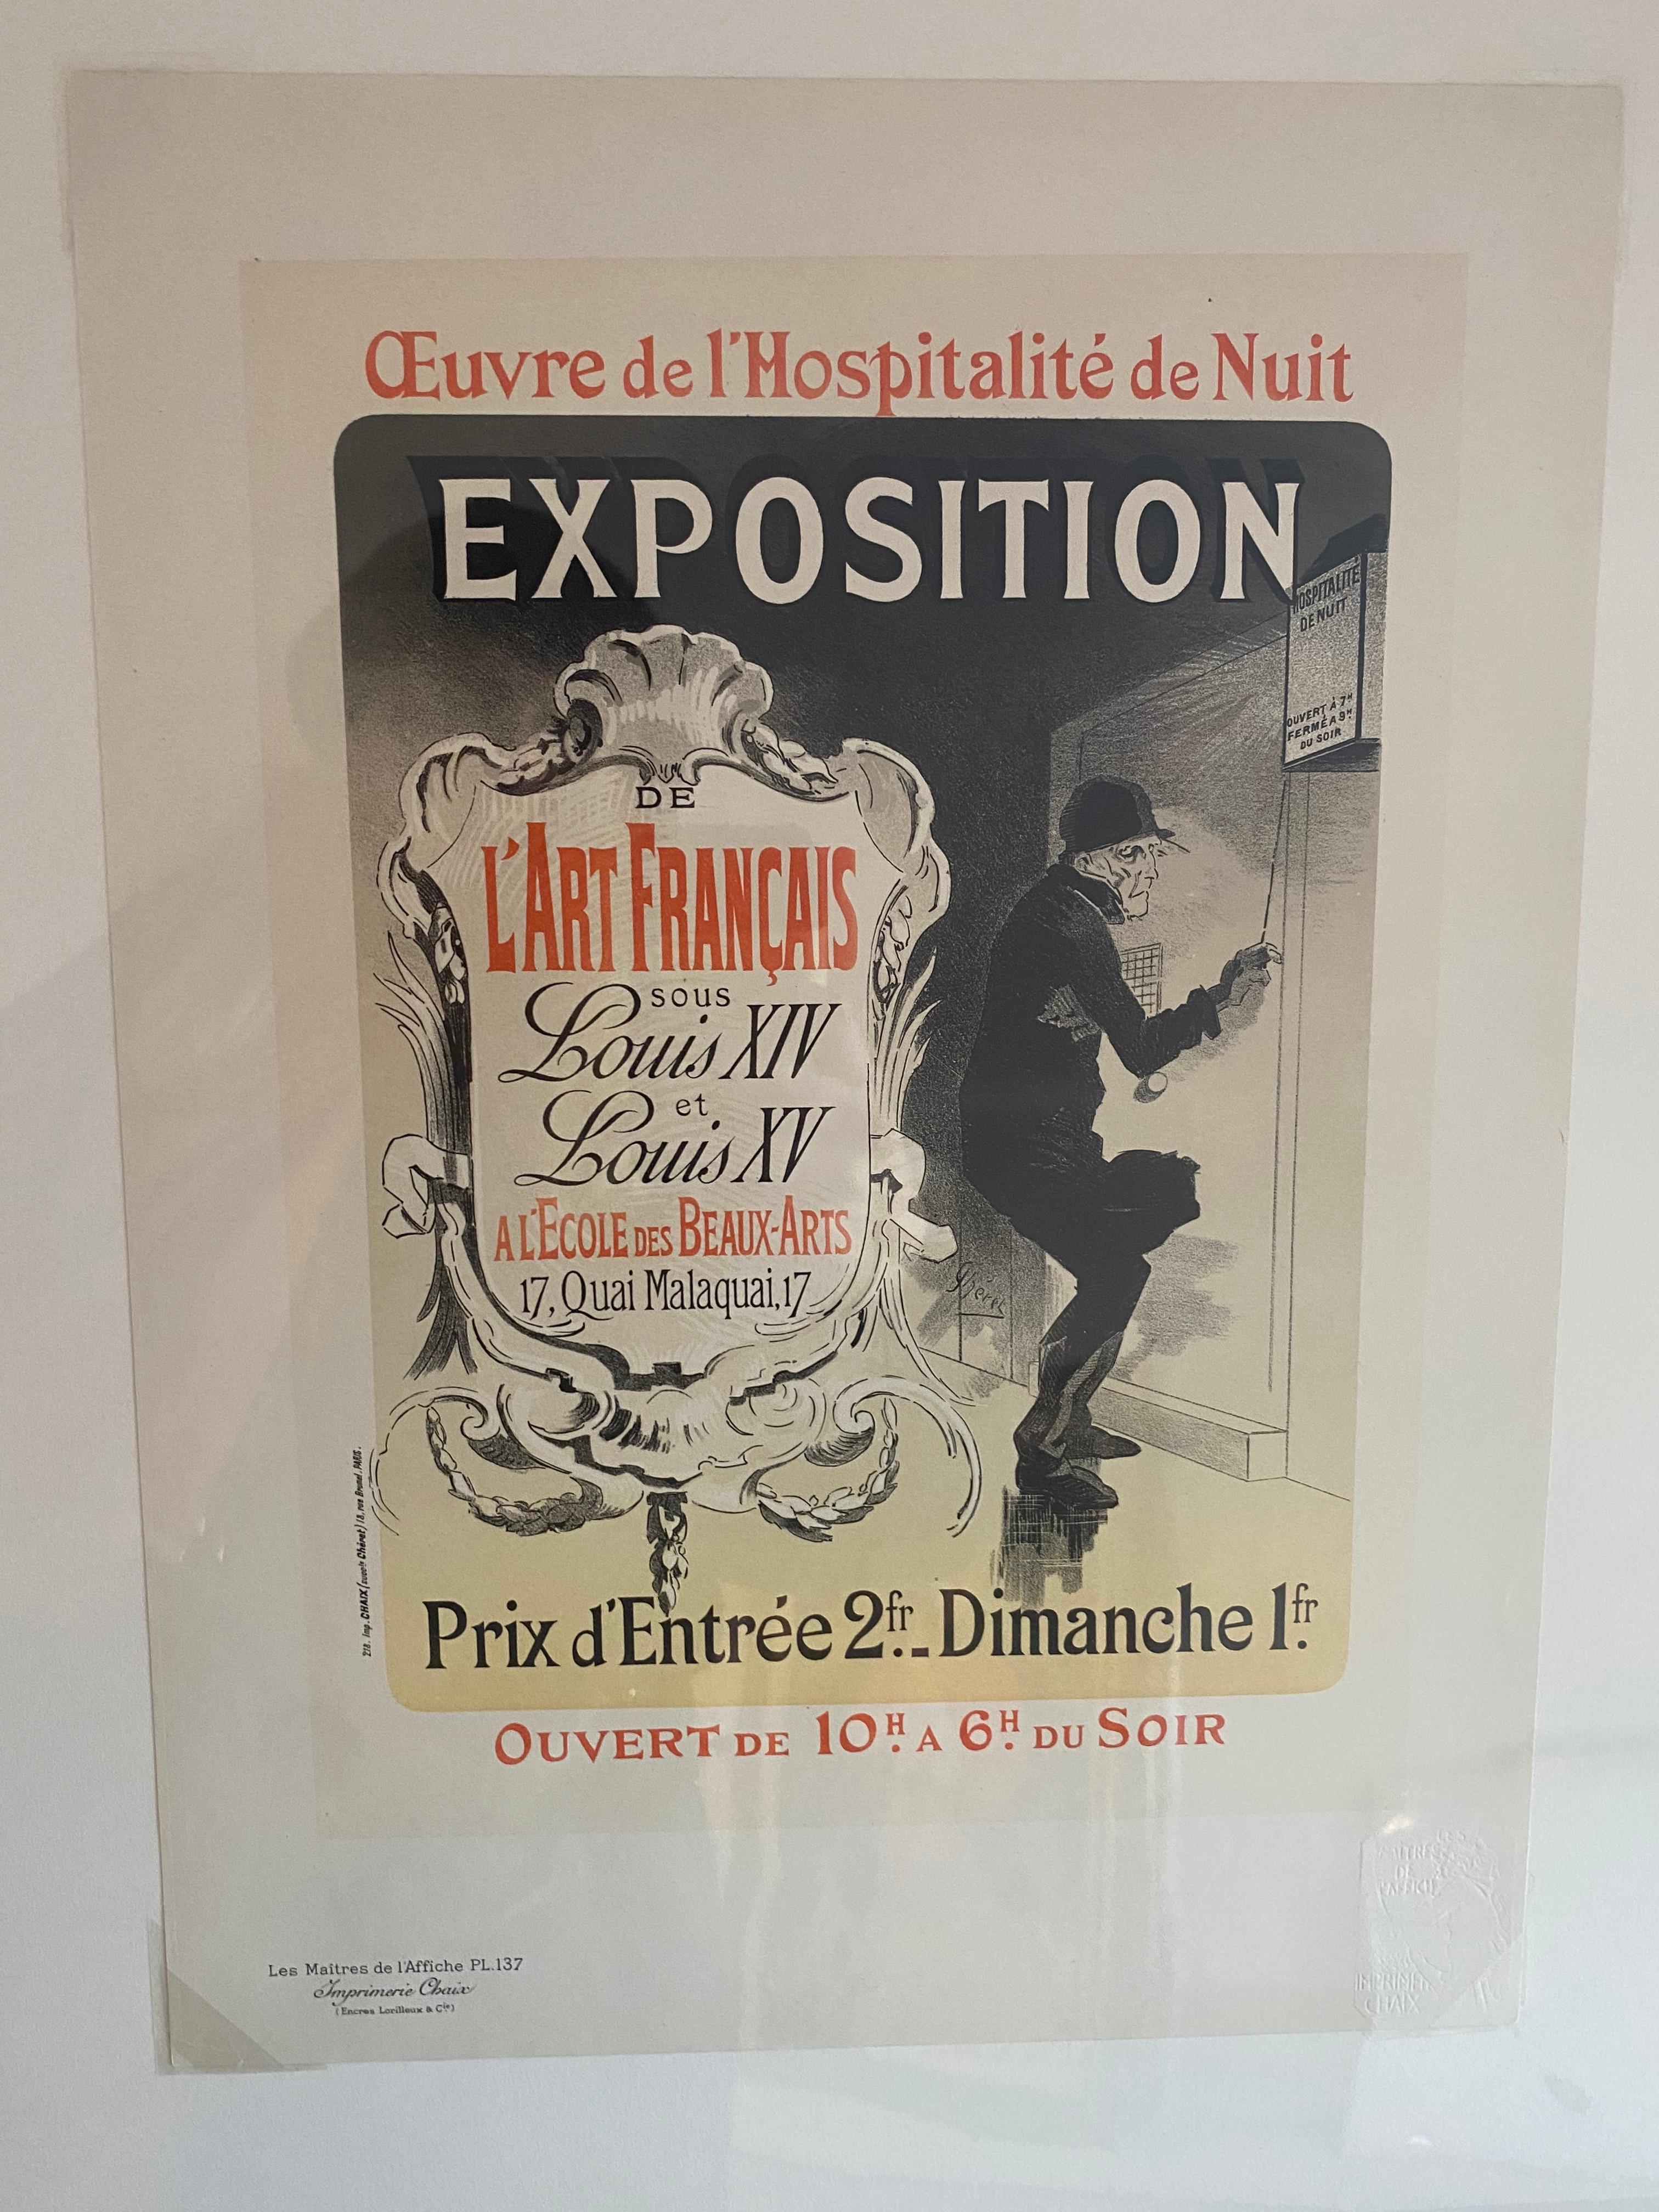 """""""Oeuvre de l'Hospitalite de Nuit"""" from Les Maitres de l'Affiche"""